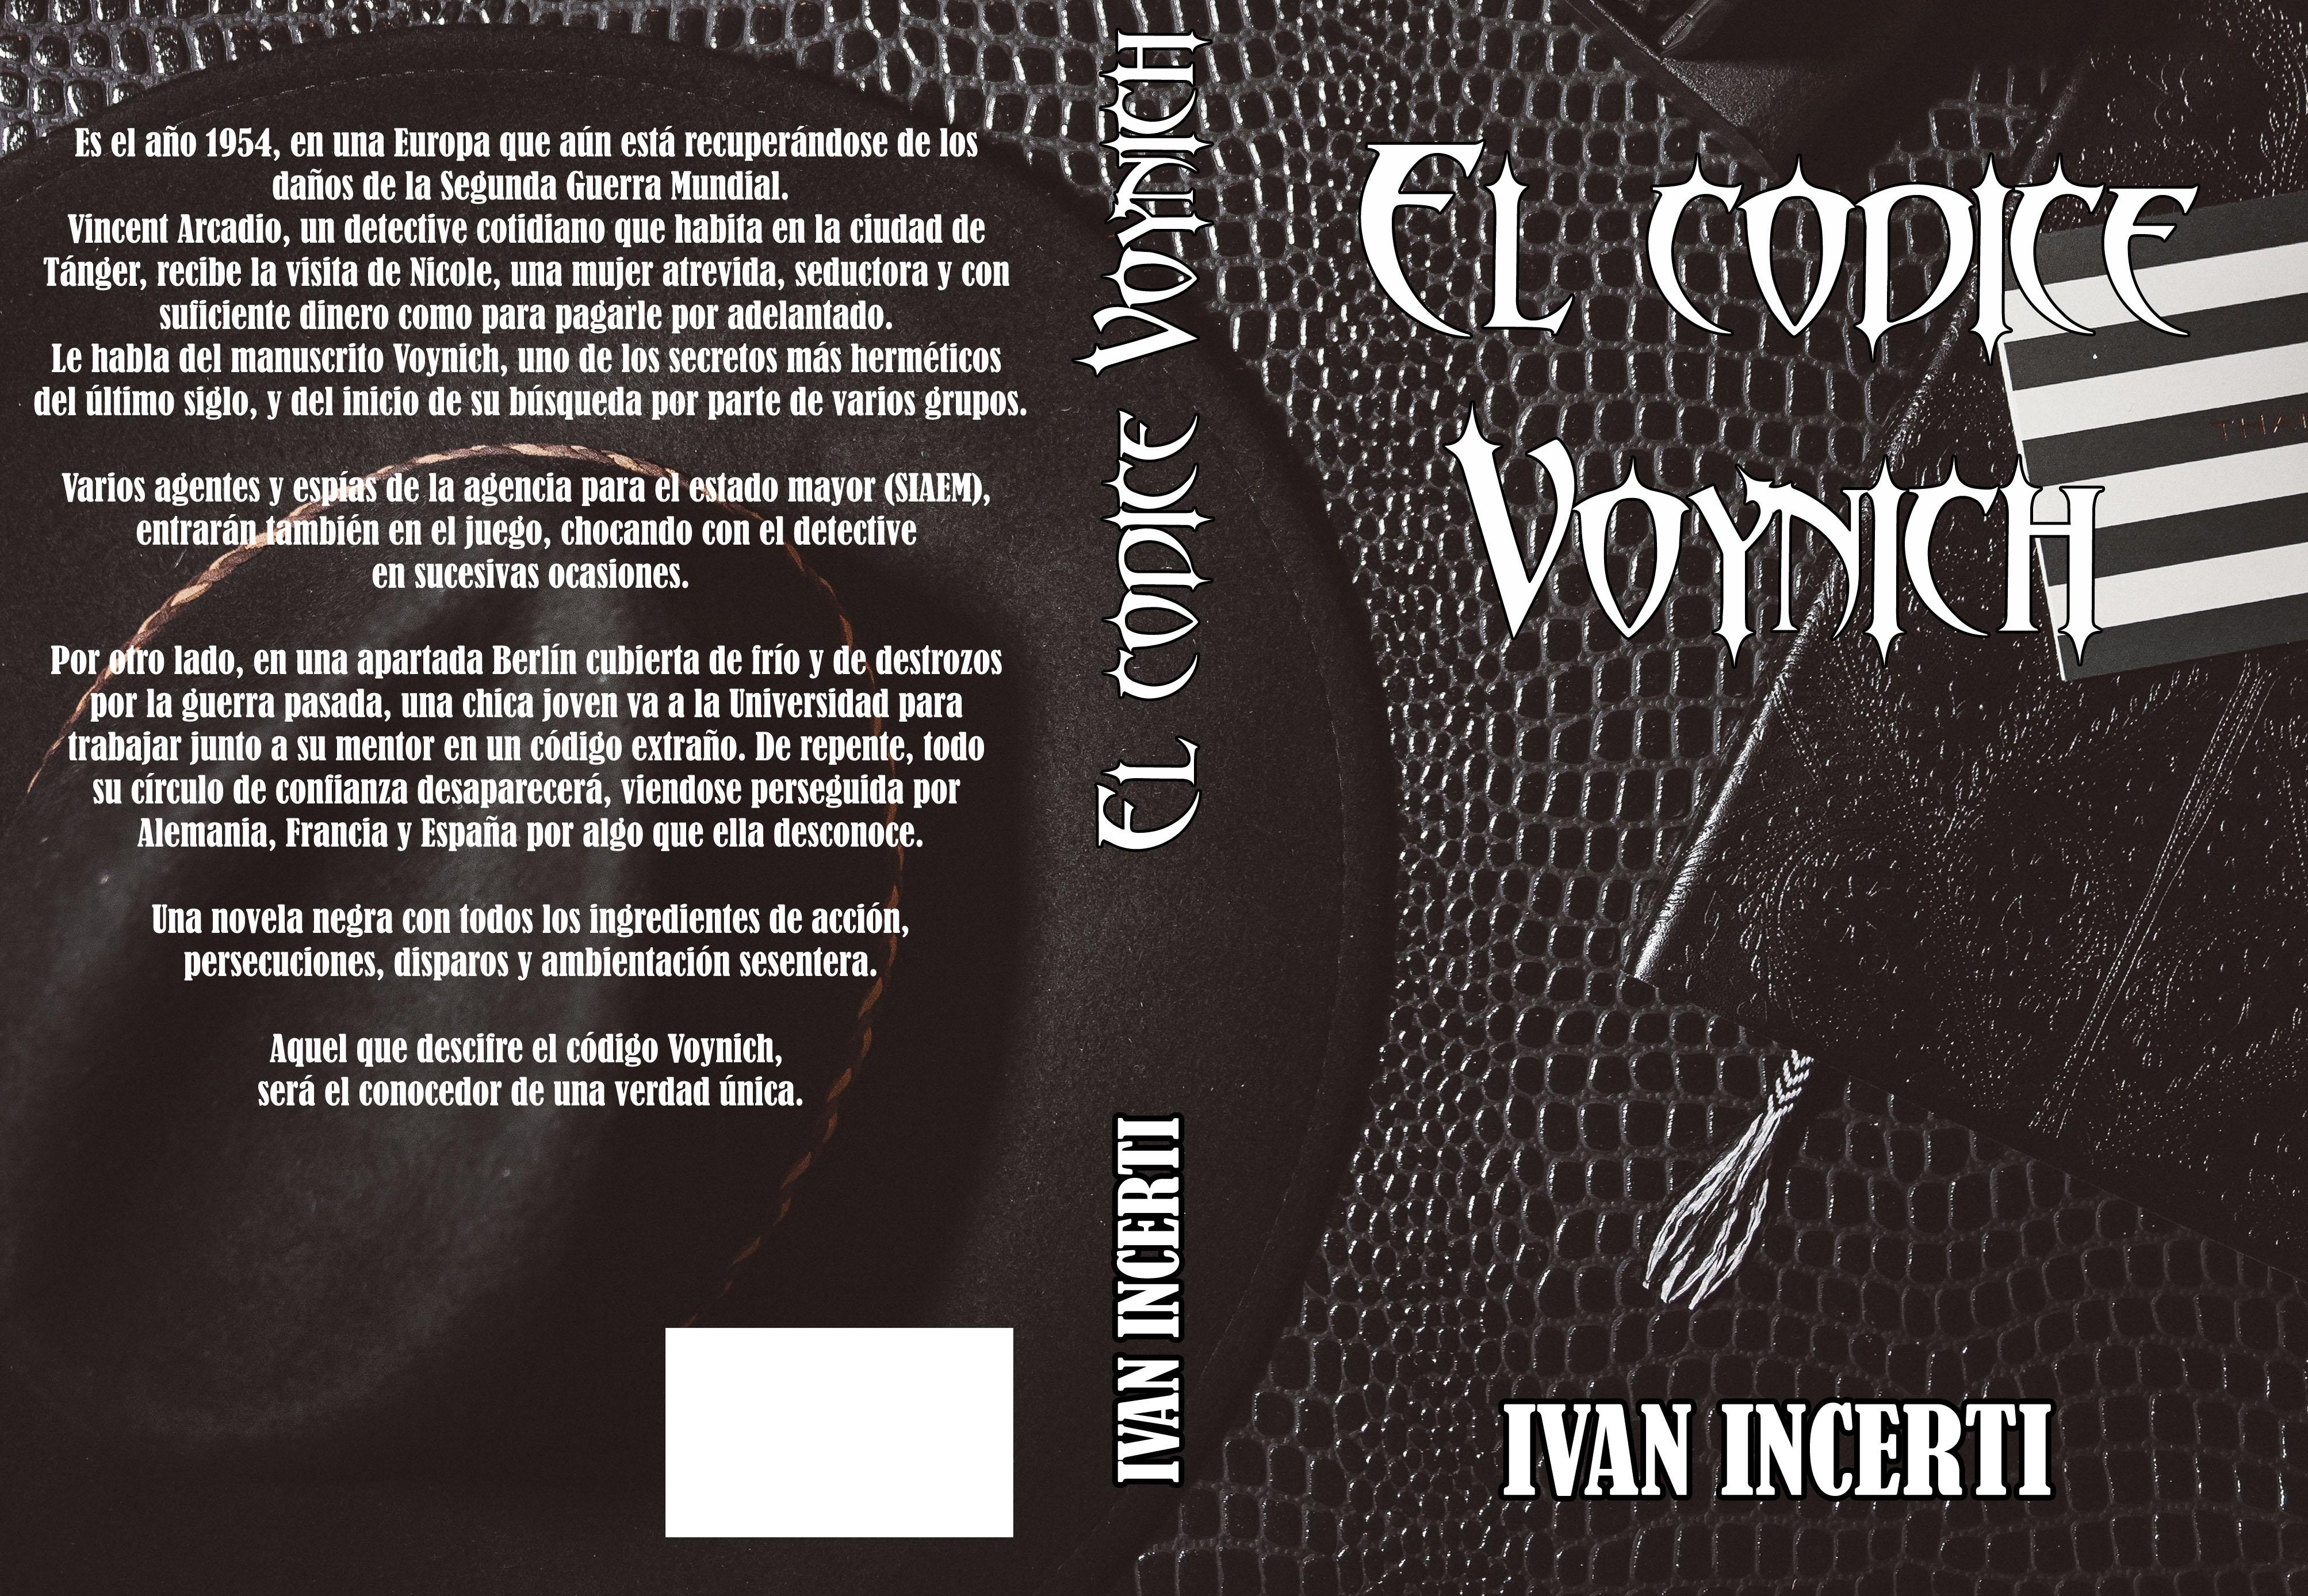 Lanzamiento próximo: El Códice Voynich